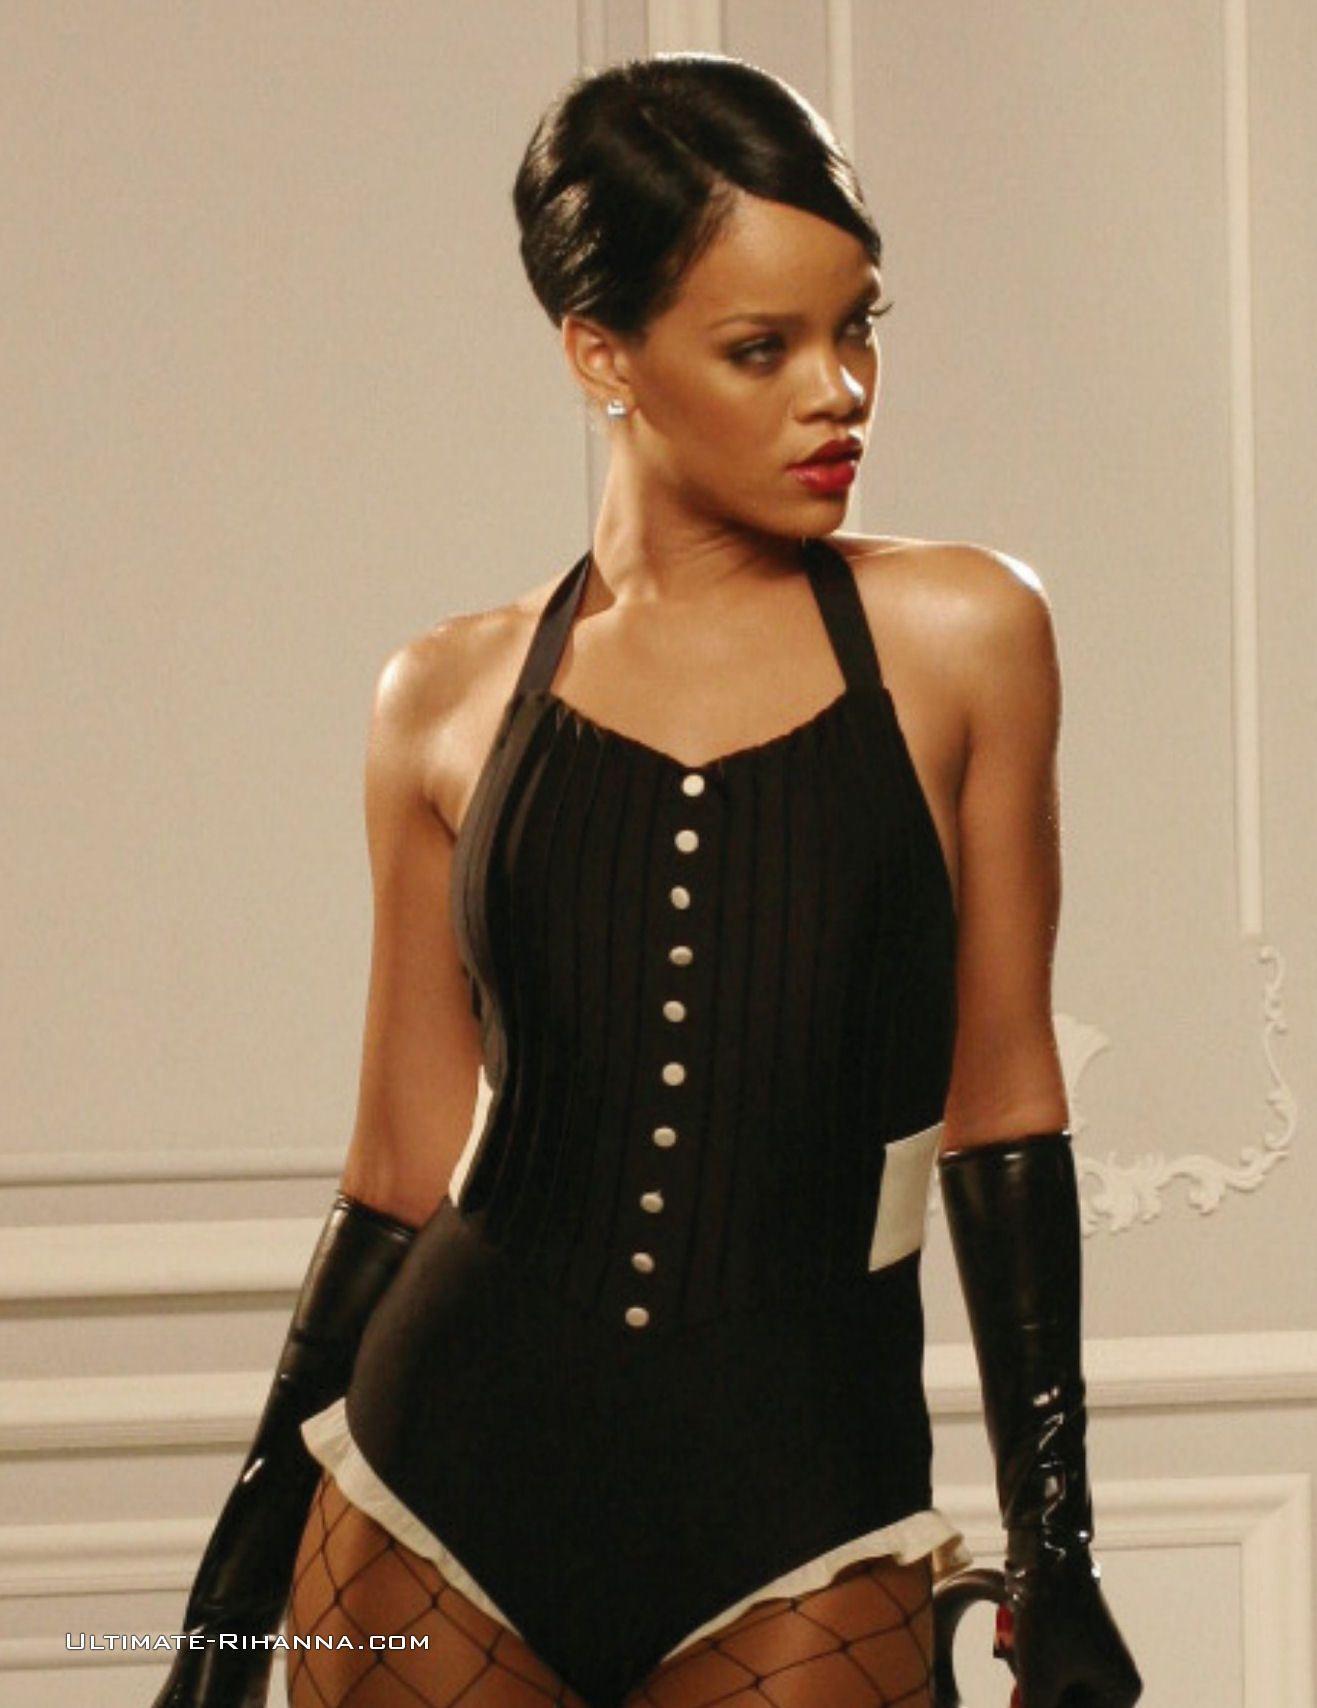 Top 10 Celebrity Good Girls Gone Bad – Celebrity News